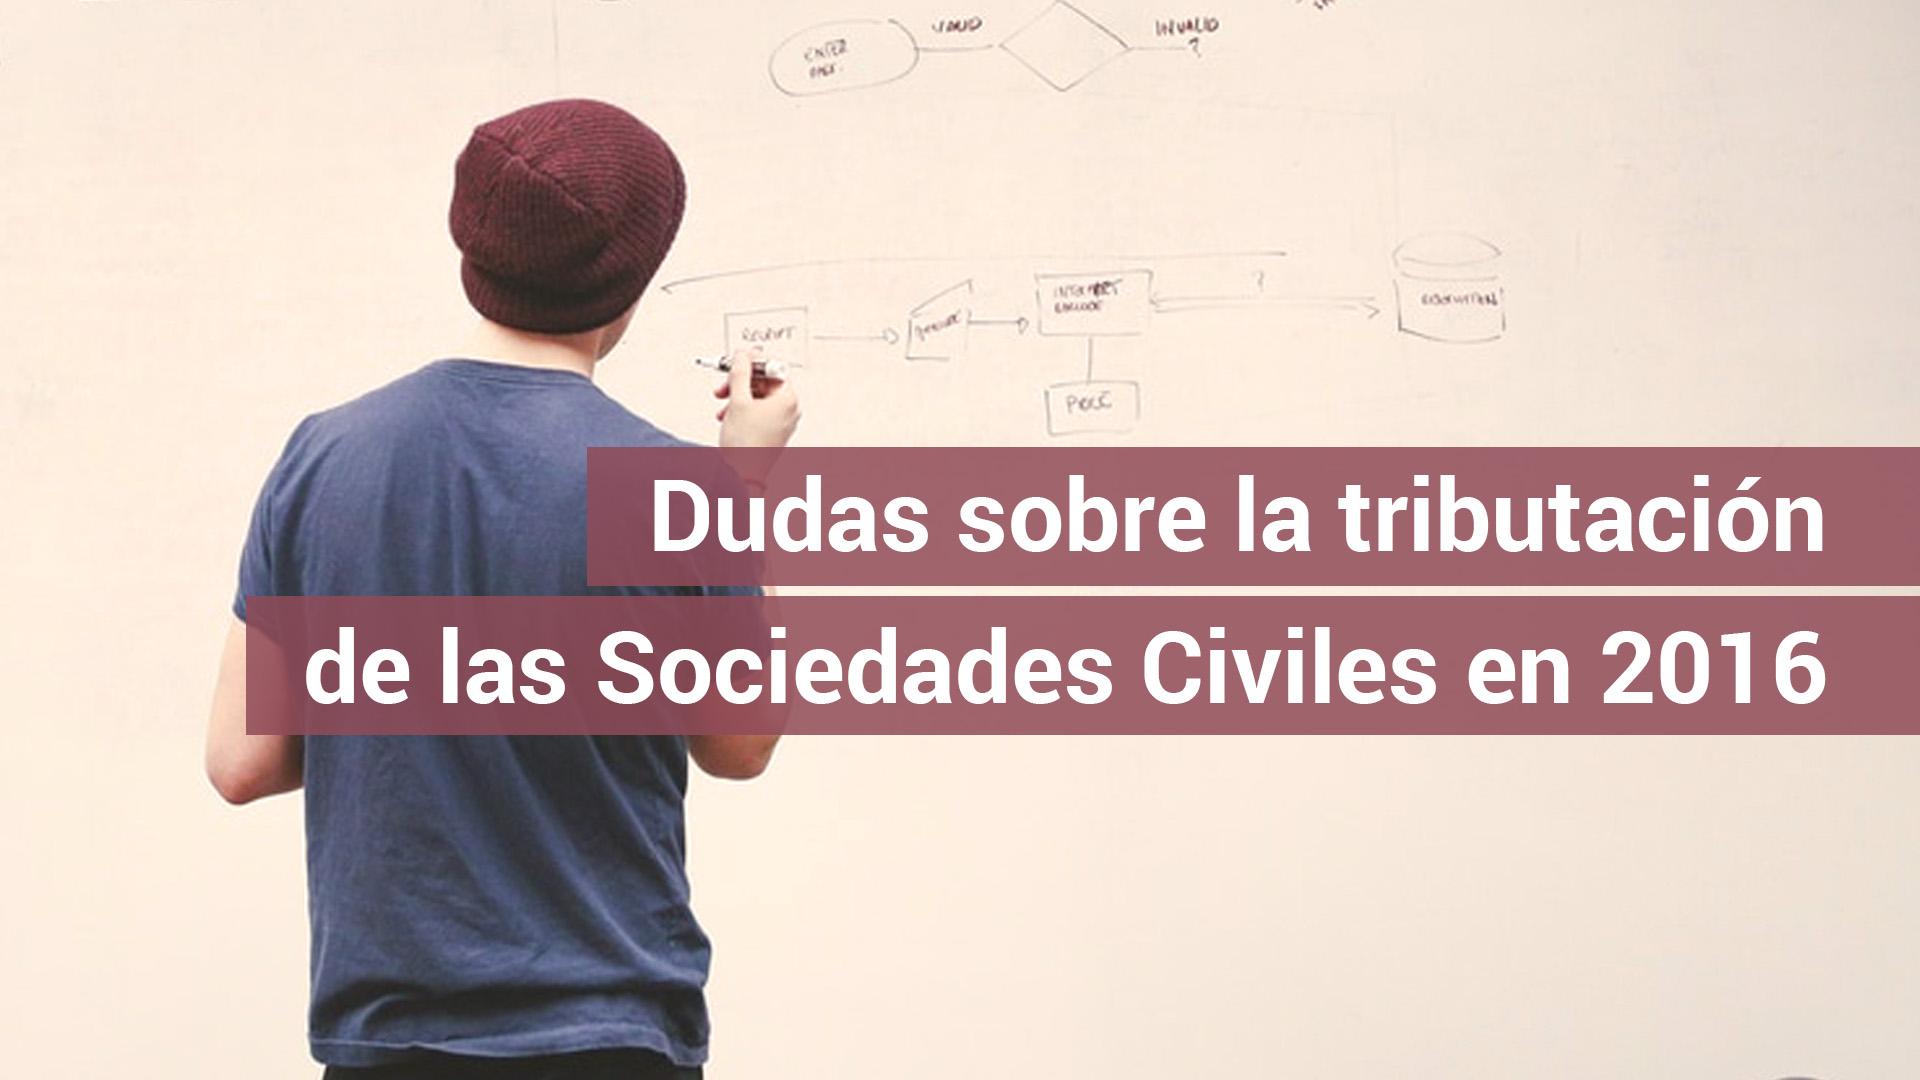 Aclaraciones sobre la tributación de las sociedades civiles en 2016